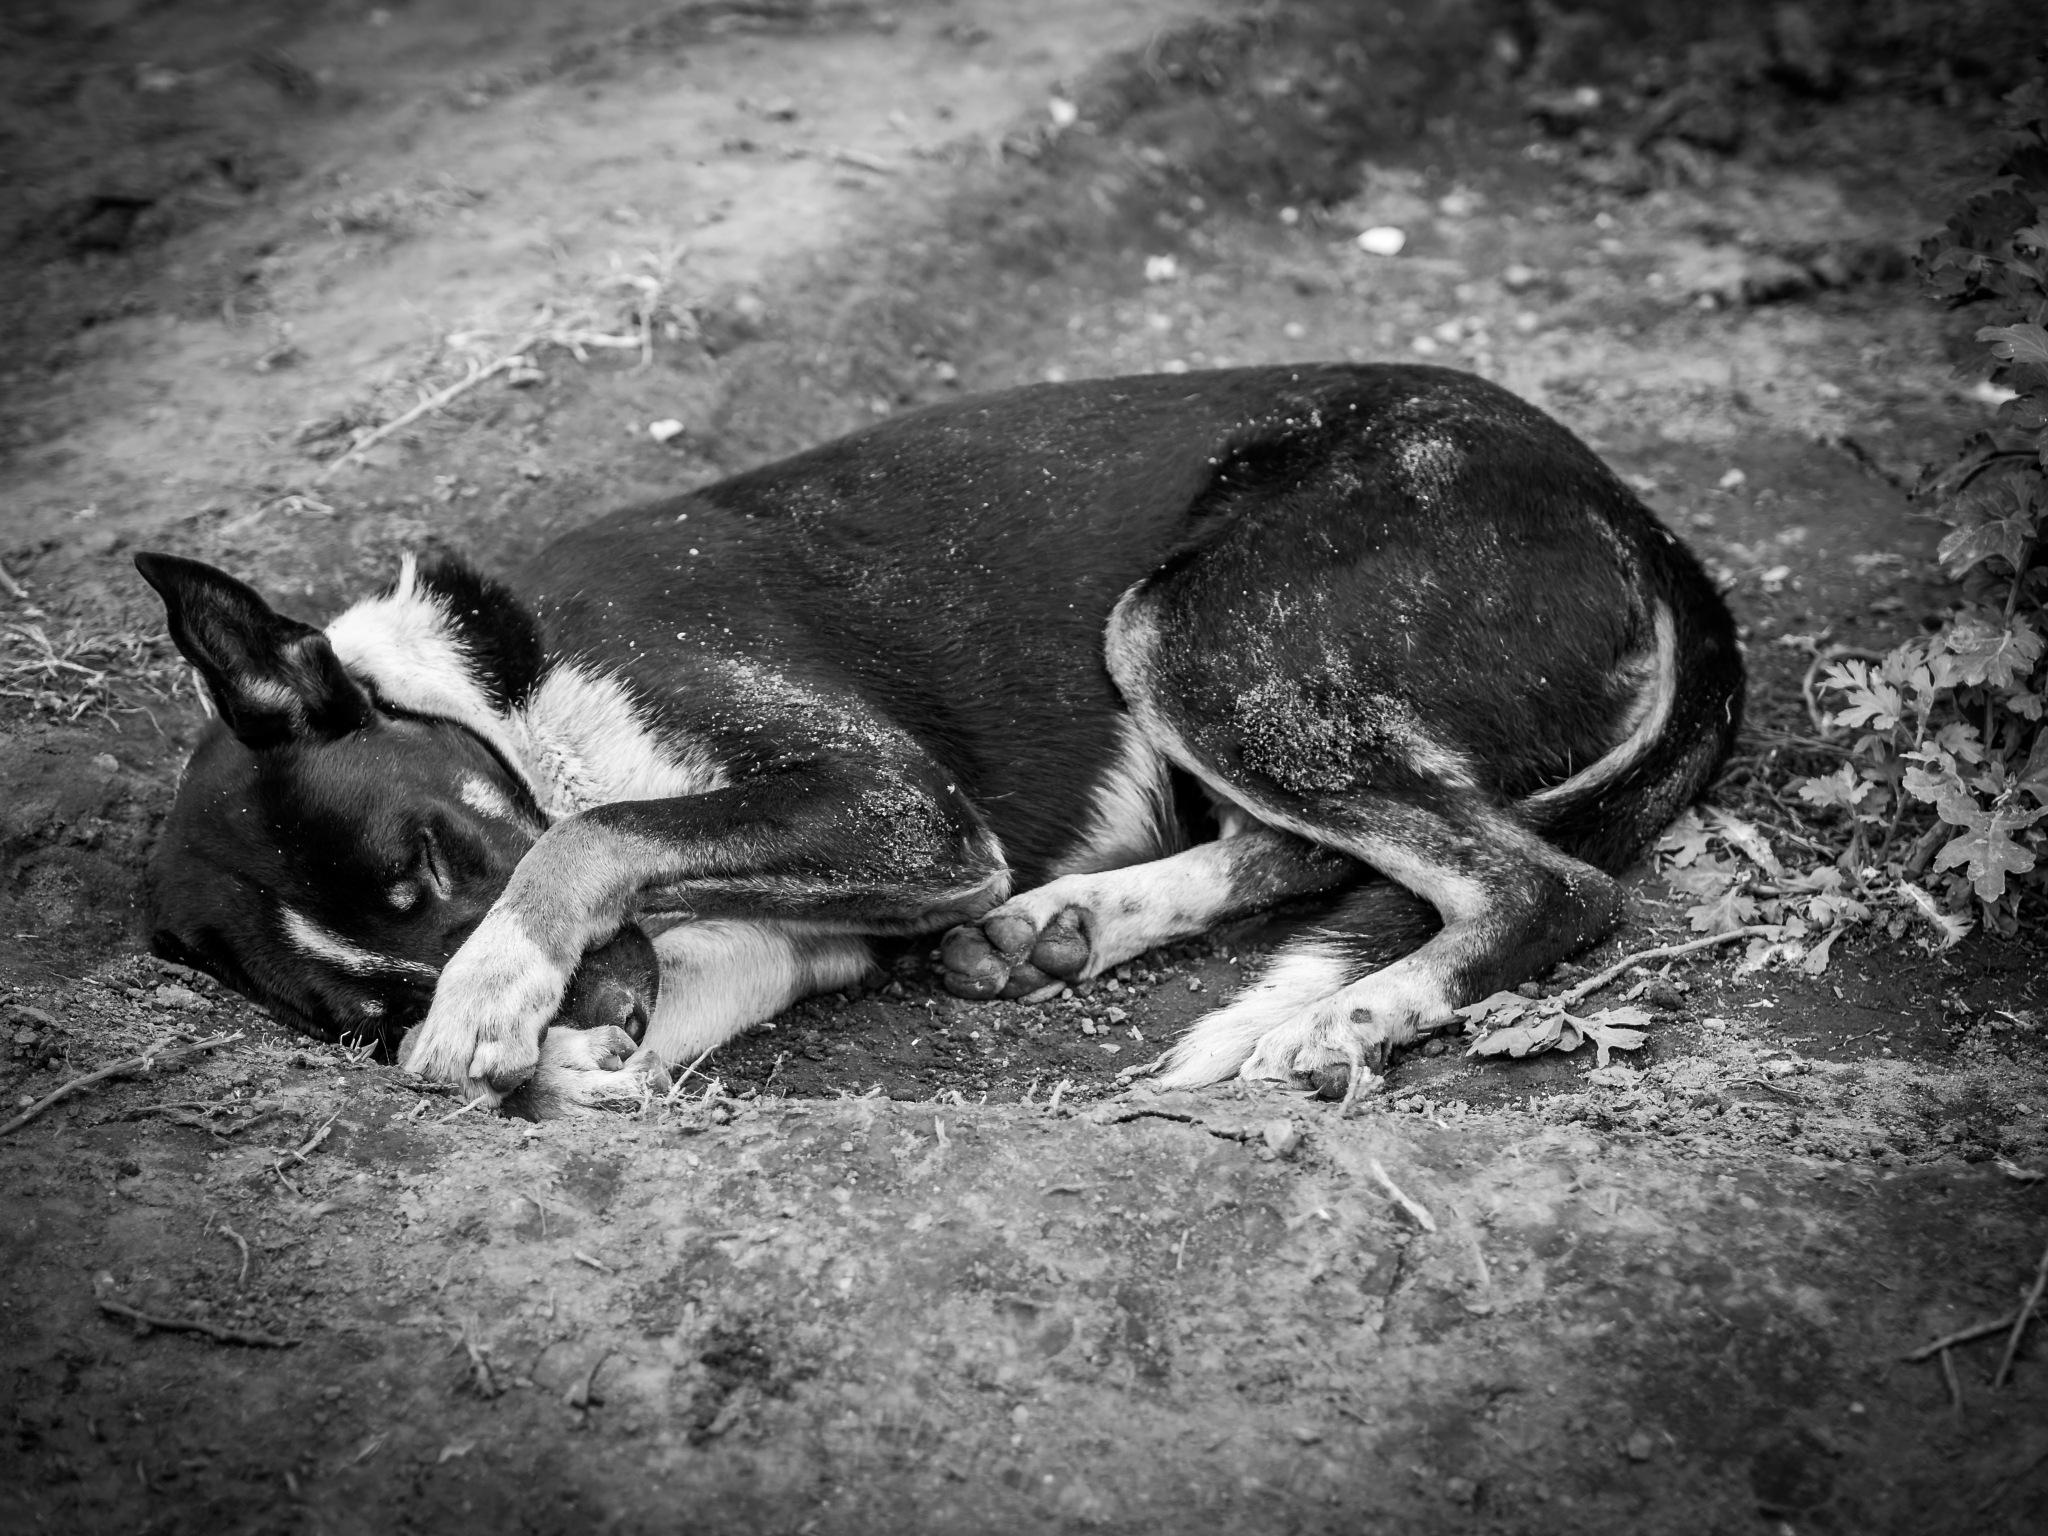 dog by Oliver Penack